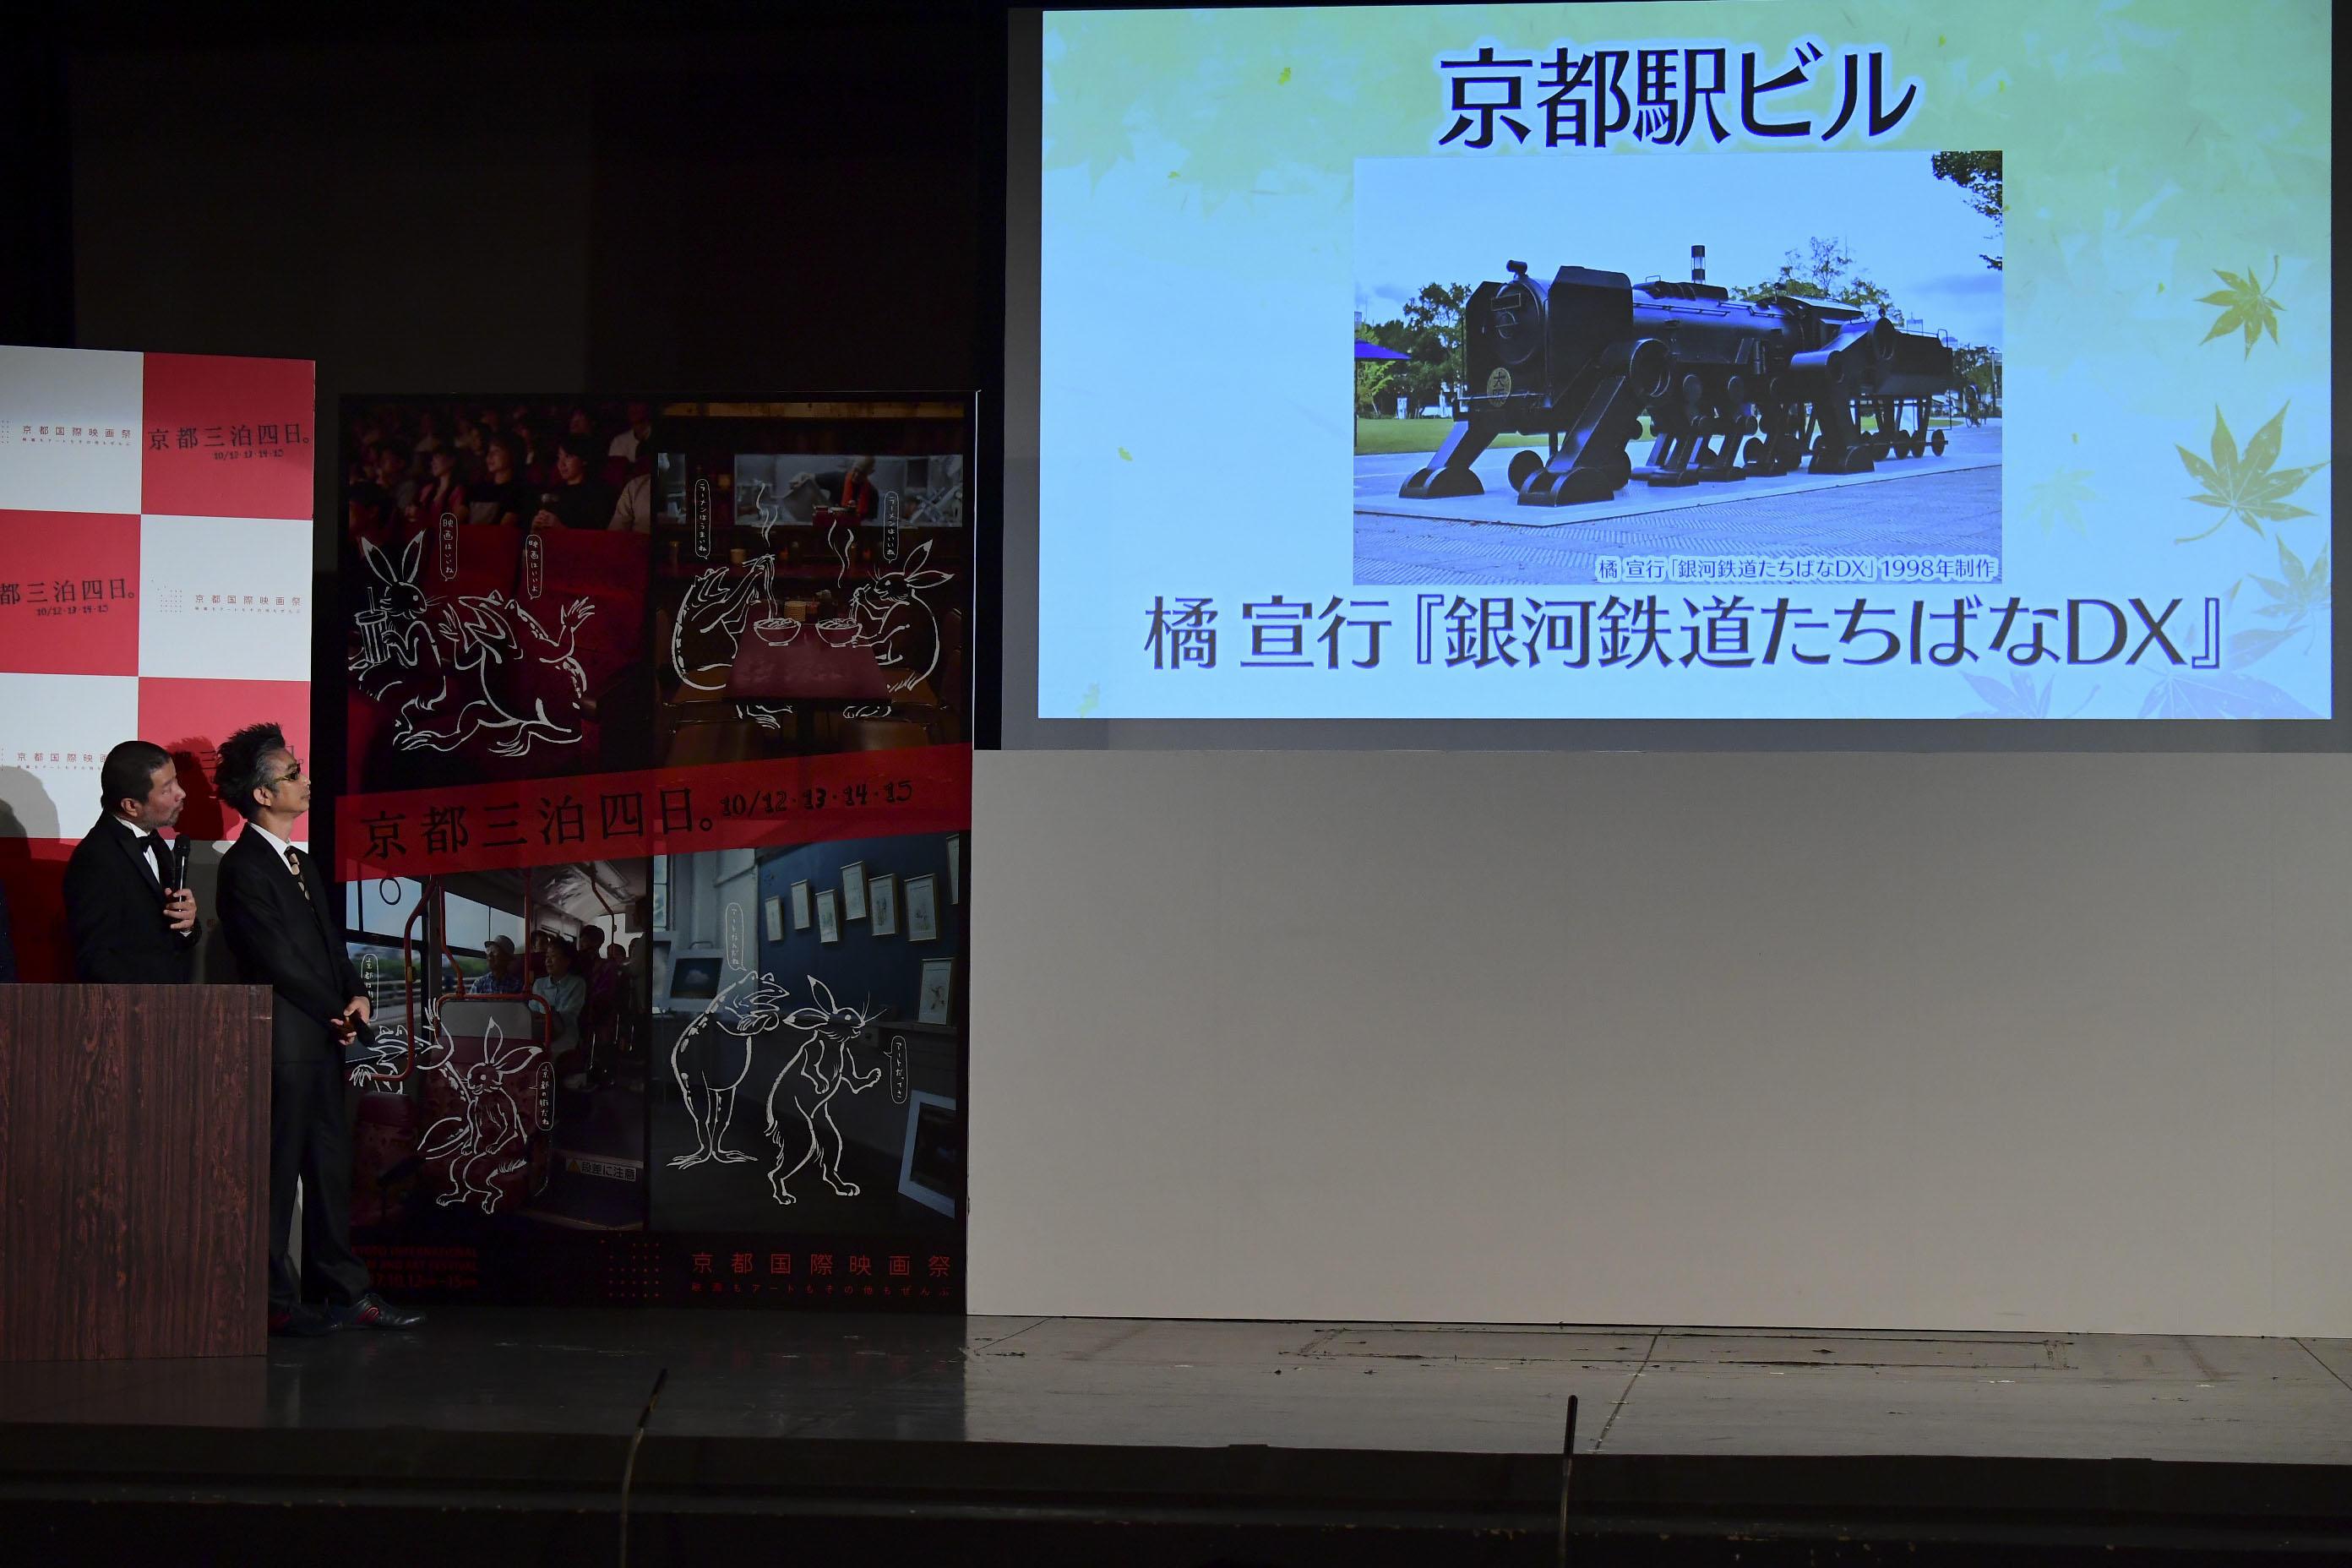 http://news.yoshimoto.co.jp/20170907021622-63deffd9db499e8ade7b85ee6912d547eb646f06.jpg